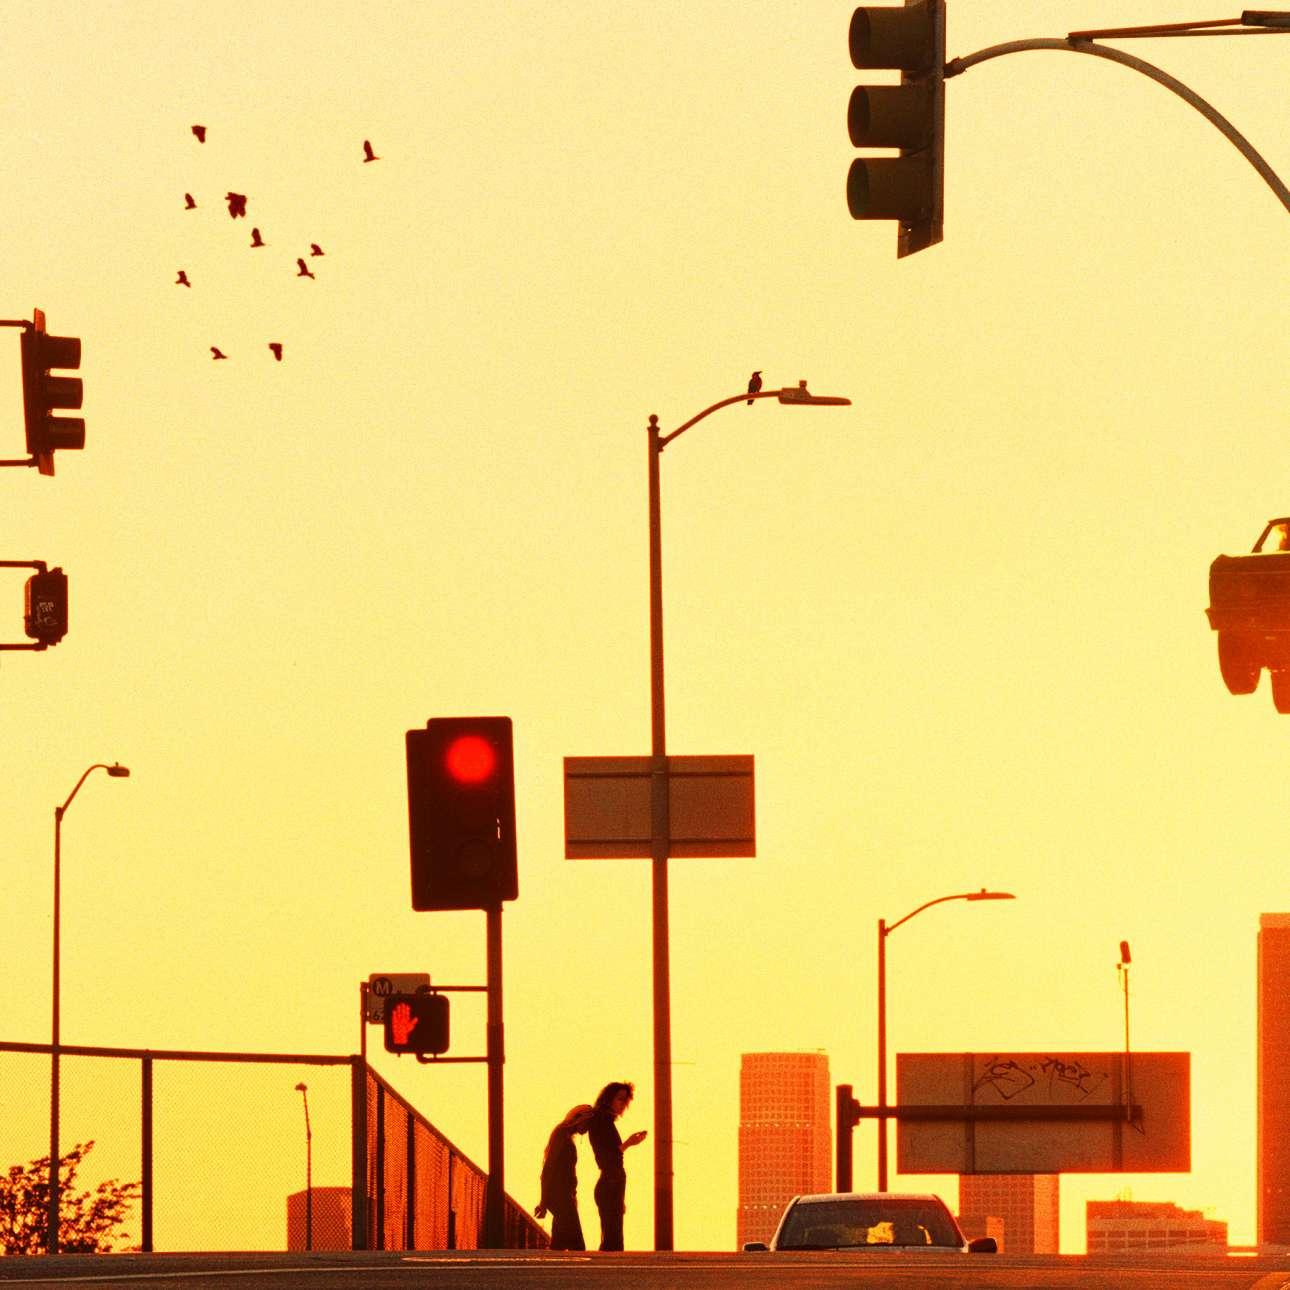 «Ακούμπησε το κεφάλι σου πάνω μου», 2019. «Μία εικόνα από Λος Αντζελες, λουσμένο σε μια λαμπερή κίτρινη, σχεδόν κόκκινη, ομίχλη. Μια φιγούρα στηρίζει το κεφάλι πάνω σε μια άλλη. Η στιγμή φαίνεται τρυφερή, αλλά δεν μπορούμε να πούμε με βεβαιότητα. Περιφράξεις, σκούρα παρμπρίζ και κρυμμένα πρόσωπα -όλα όσα εμφανίζονται συχνά σε ένα αστικό τοπίο και φαίνονται εδώ ως έντονες σιλουέτες. Η σκηνή διαδραματίζεται στα ανοιχτά, αλλά το νόημα της είναι κρυμμένο»